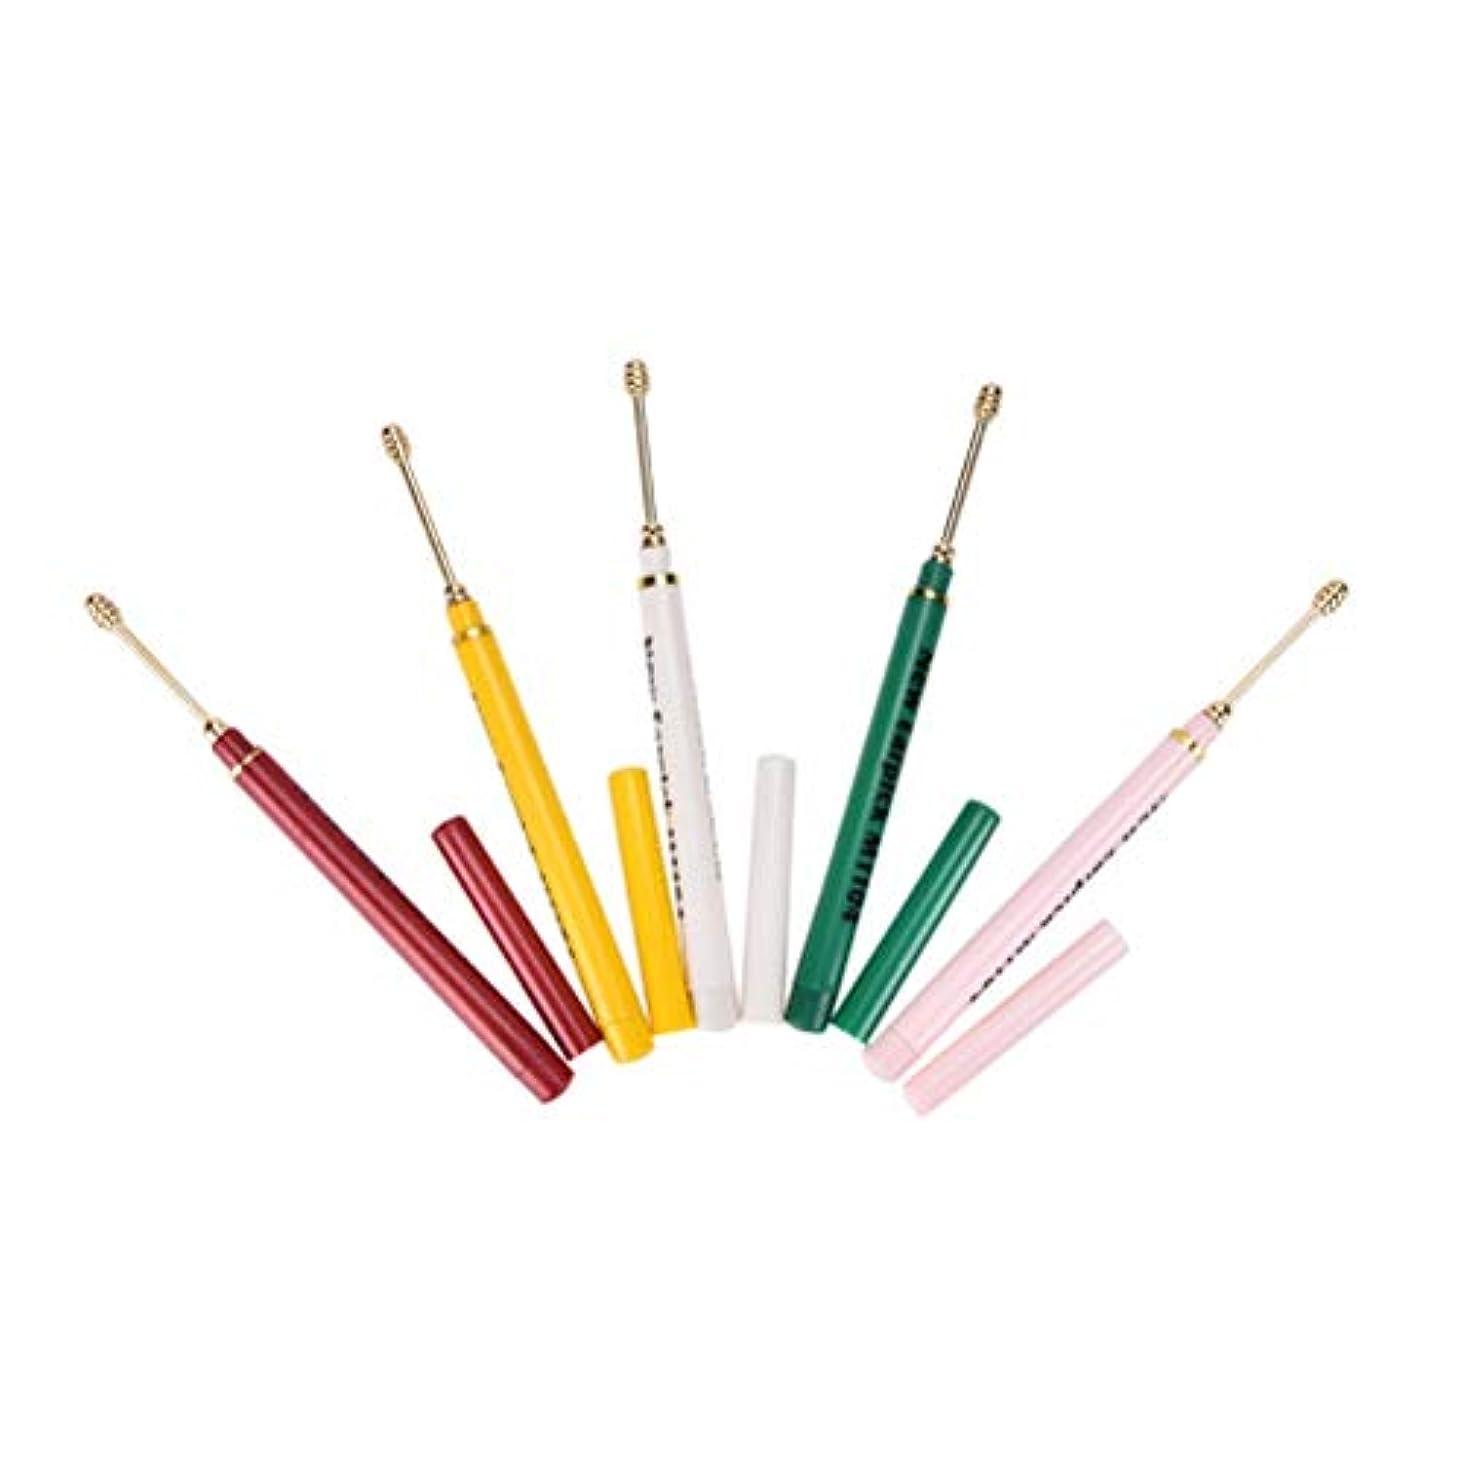 ネブ評価慈悲深いZHQI-GH ランダムカラー2ピースイヤホンスプーンツールクリーン耳ワックスキュレットリムーバーヘルスケアカラフルなギフト (Color : Multi-colored)